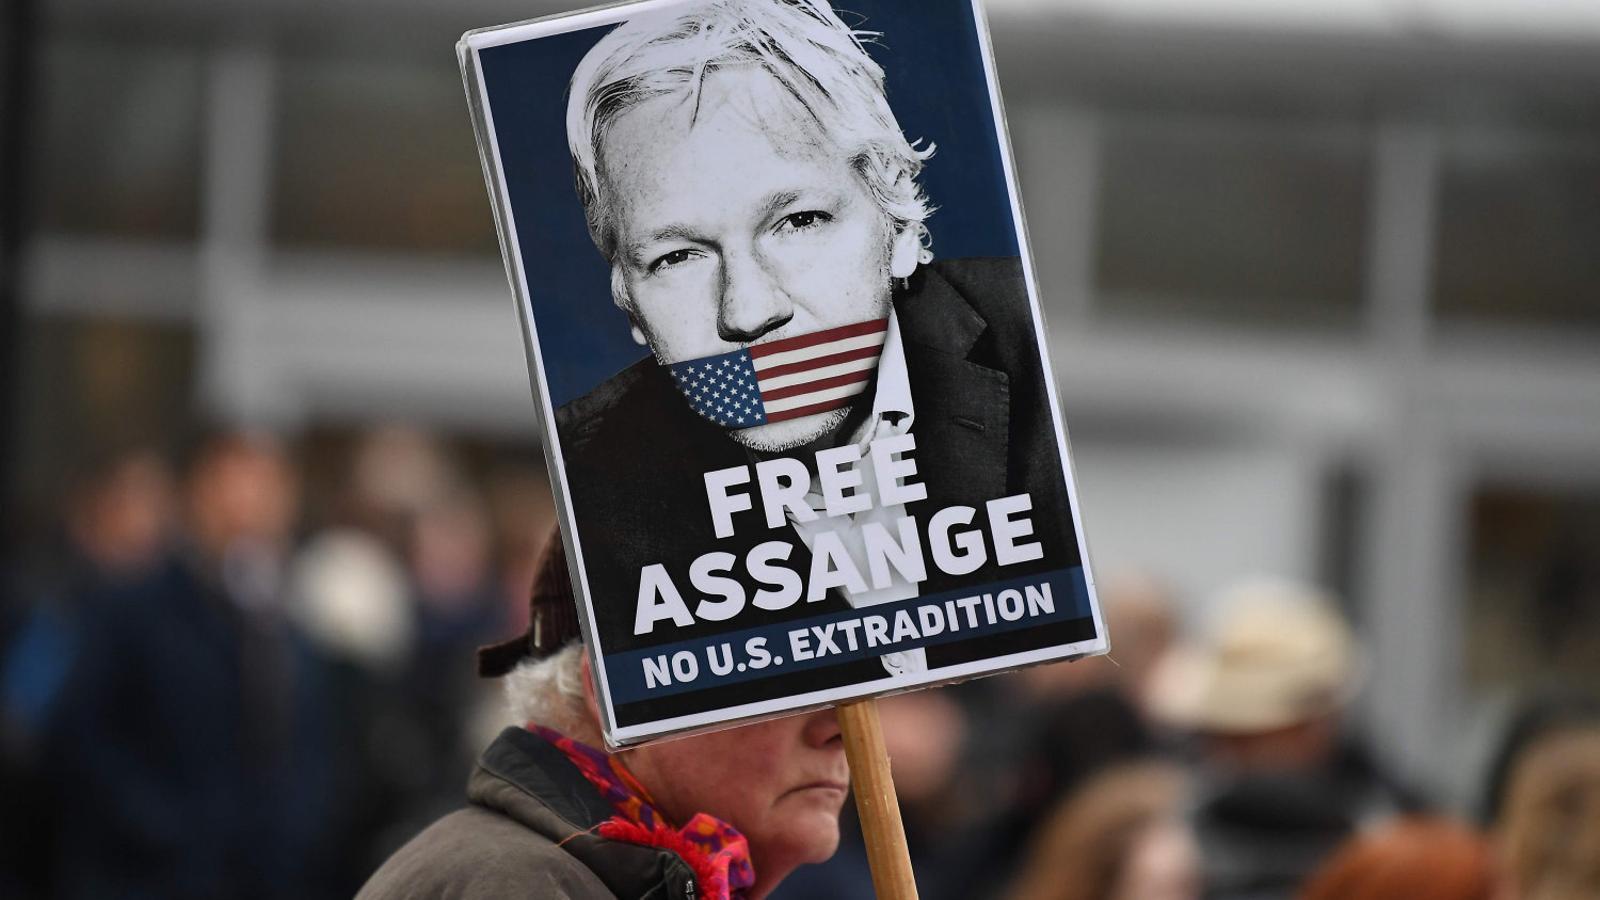 Un manifestant amb un cartell que demana la llibertat d'Assange.